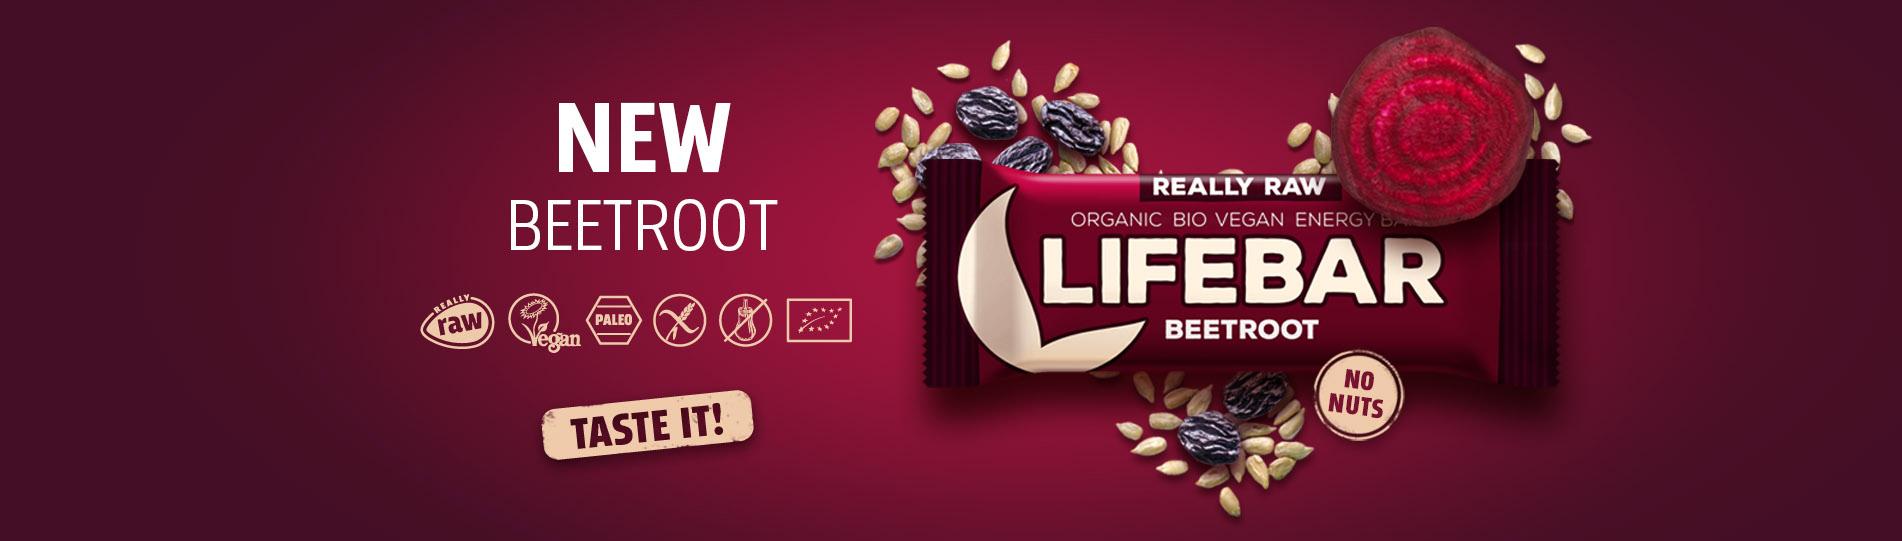 Beetroot Lifebar